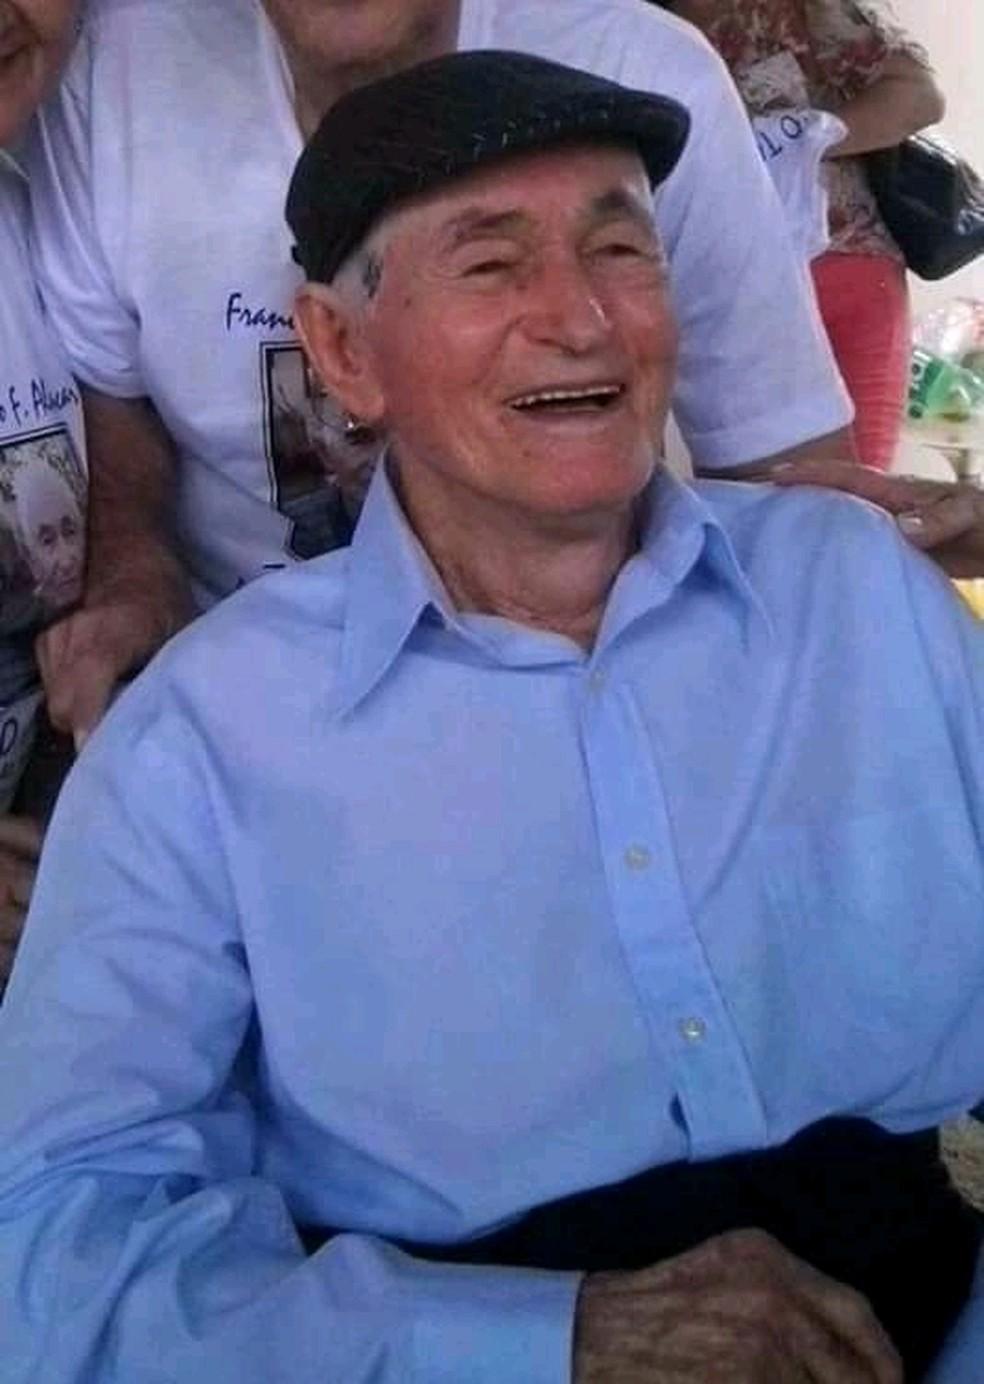 Morre, aos 103 anos, Francisco Fernandes de Alencar, idoso que pediu para ser internado ao lado da esposa em hospital do DF — Foto: Arquivo pessoal